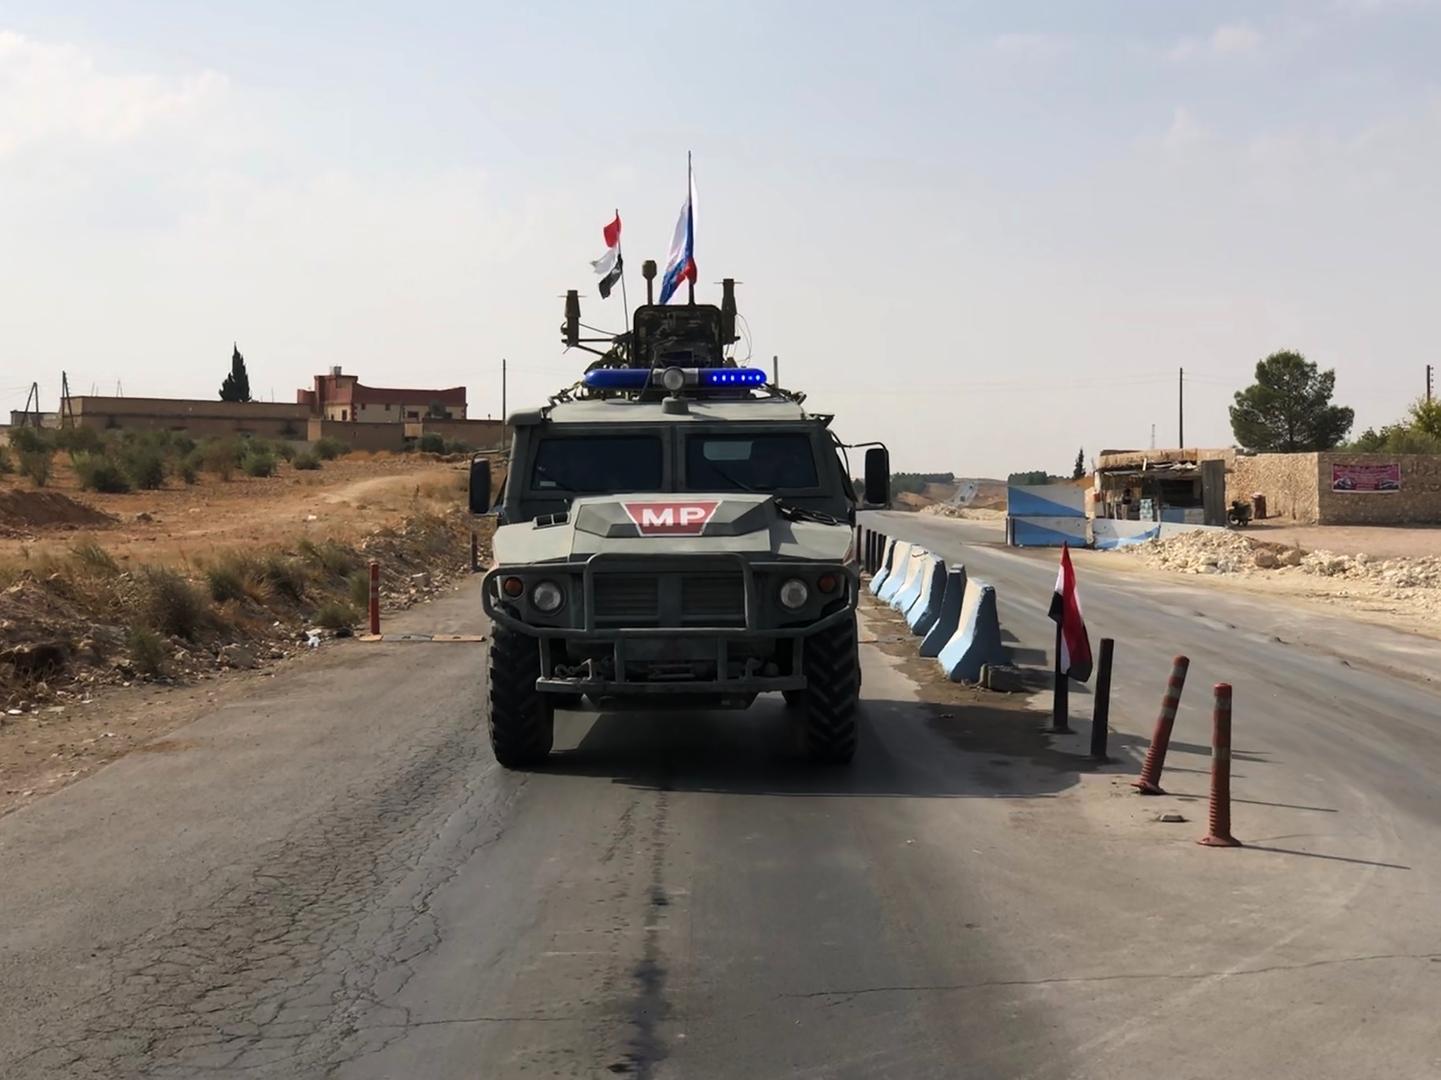 عربة عسكرية تابعة للقوات الروسية قرب مدينة منبج السورية